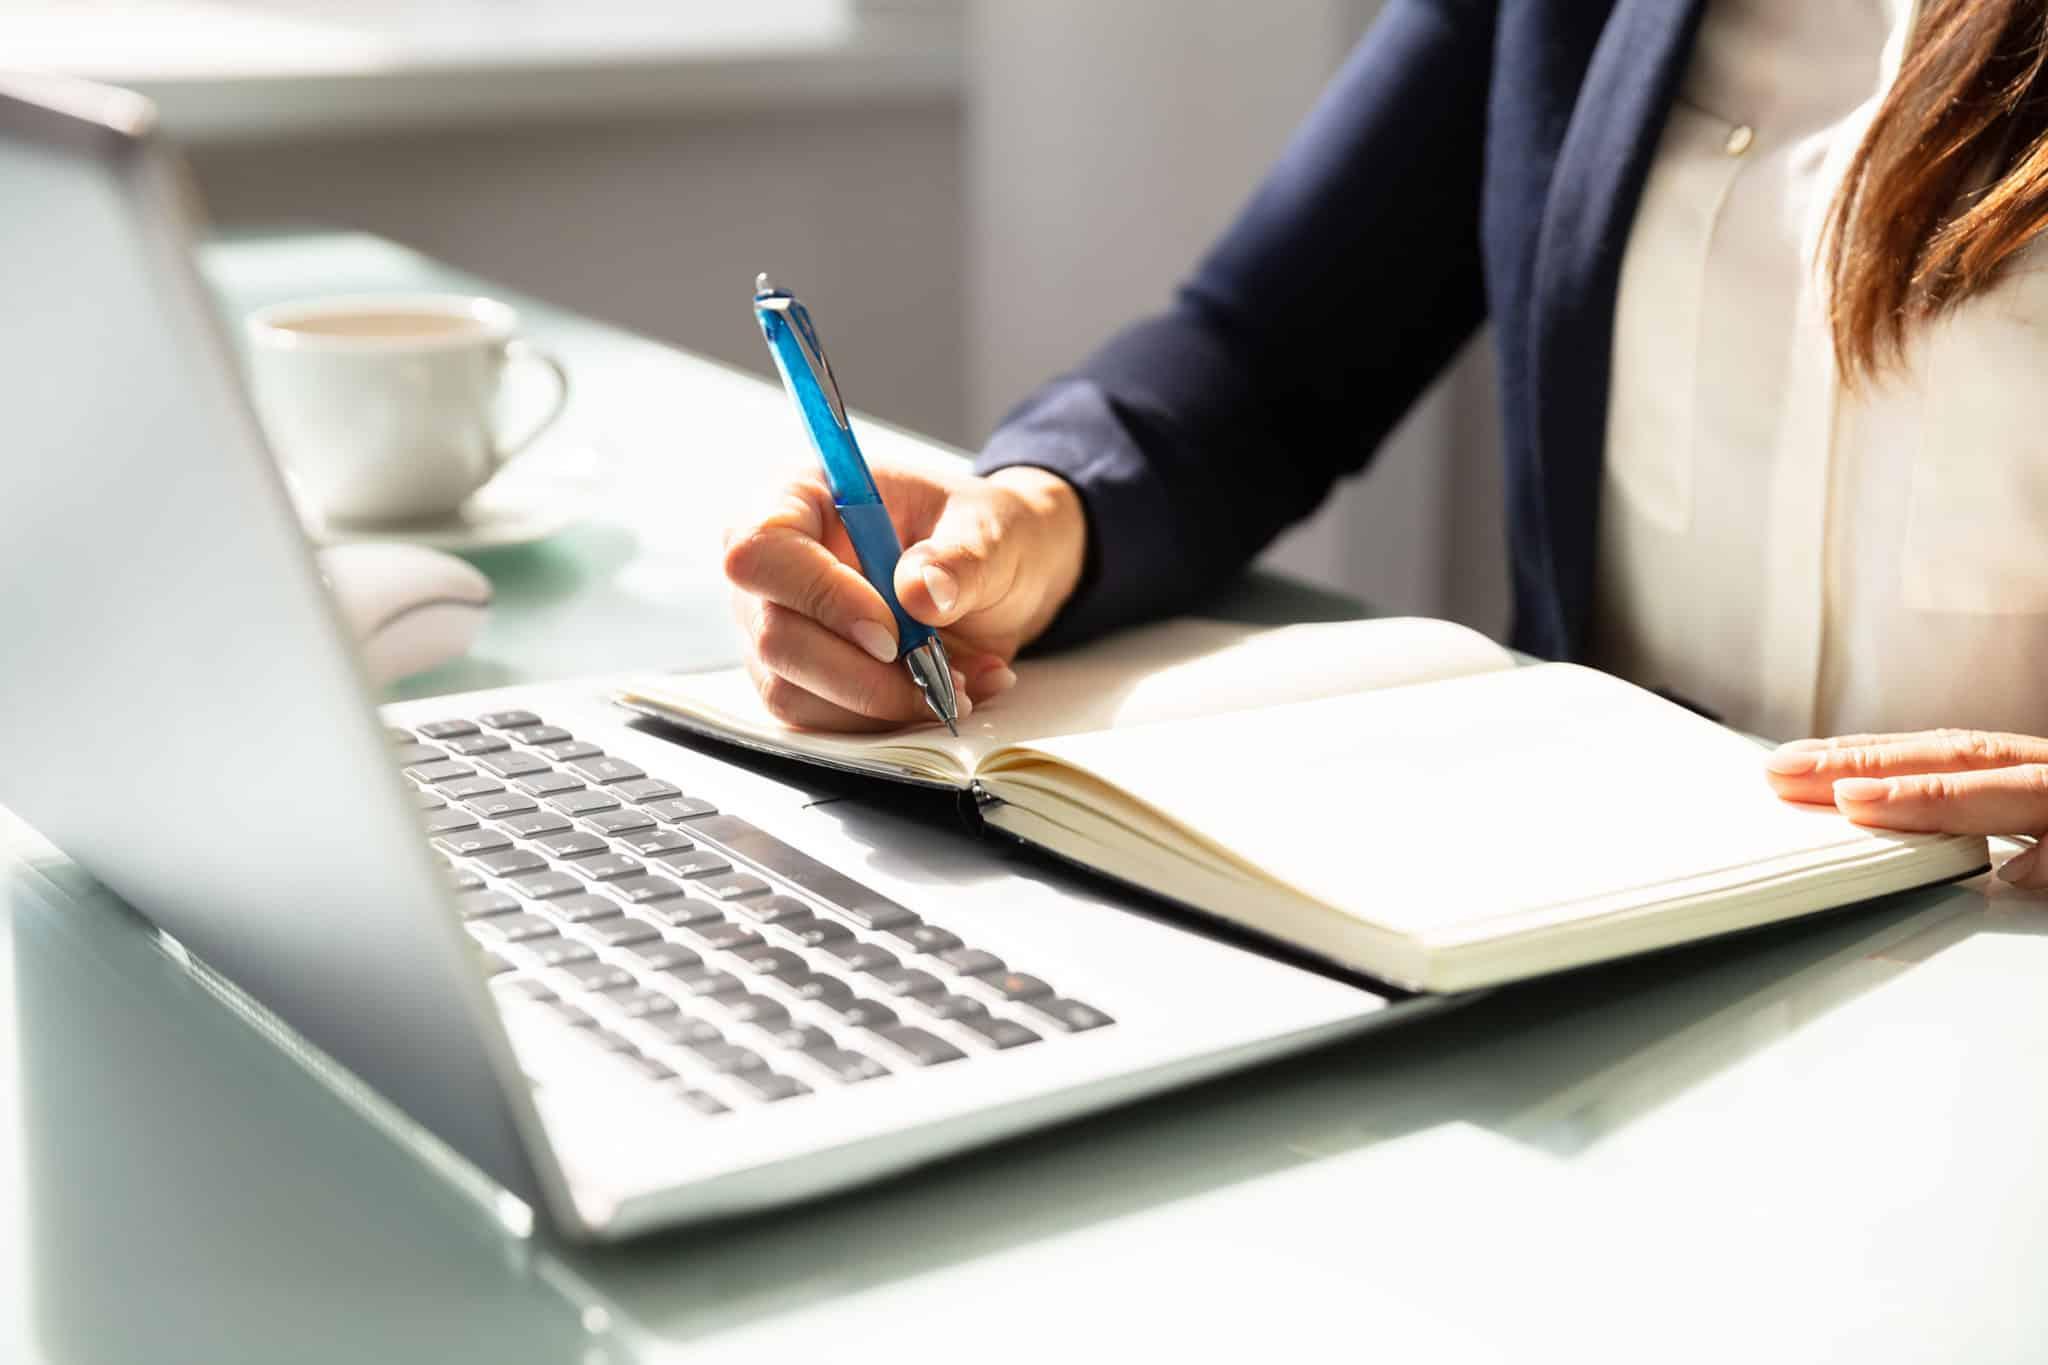 Jasa-Penulis-Artikel-Dari-Sisi-Perusahaan